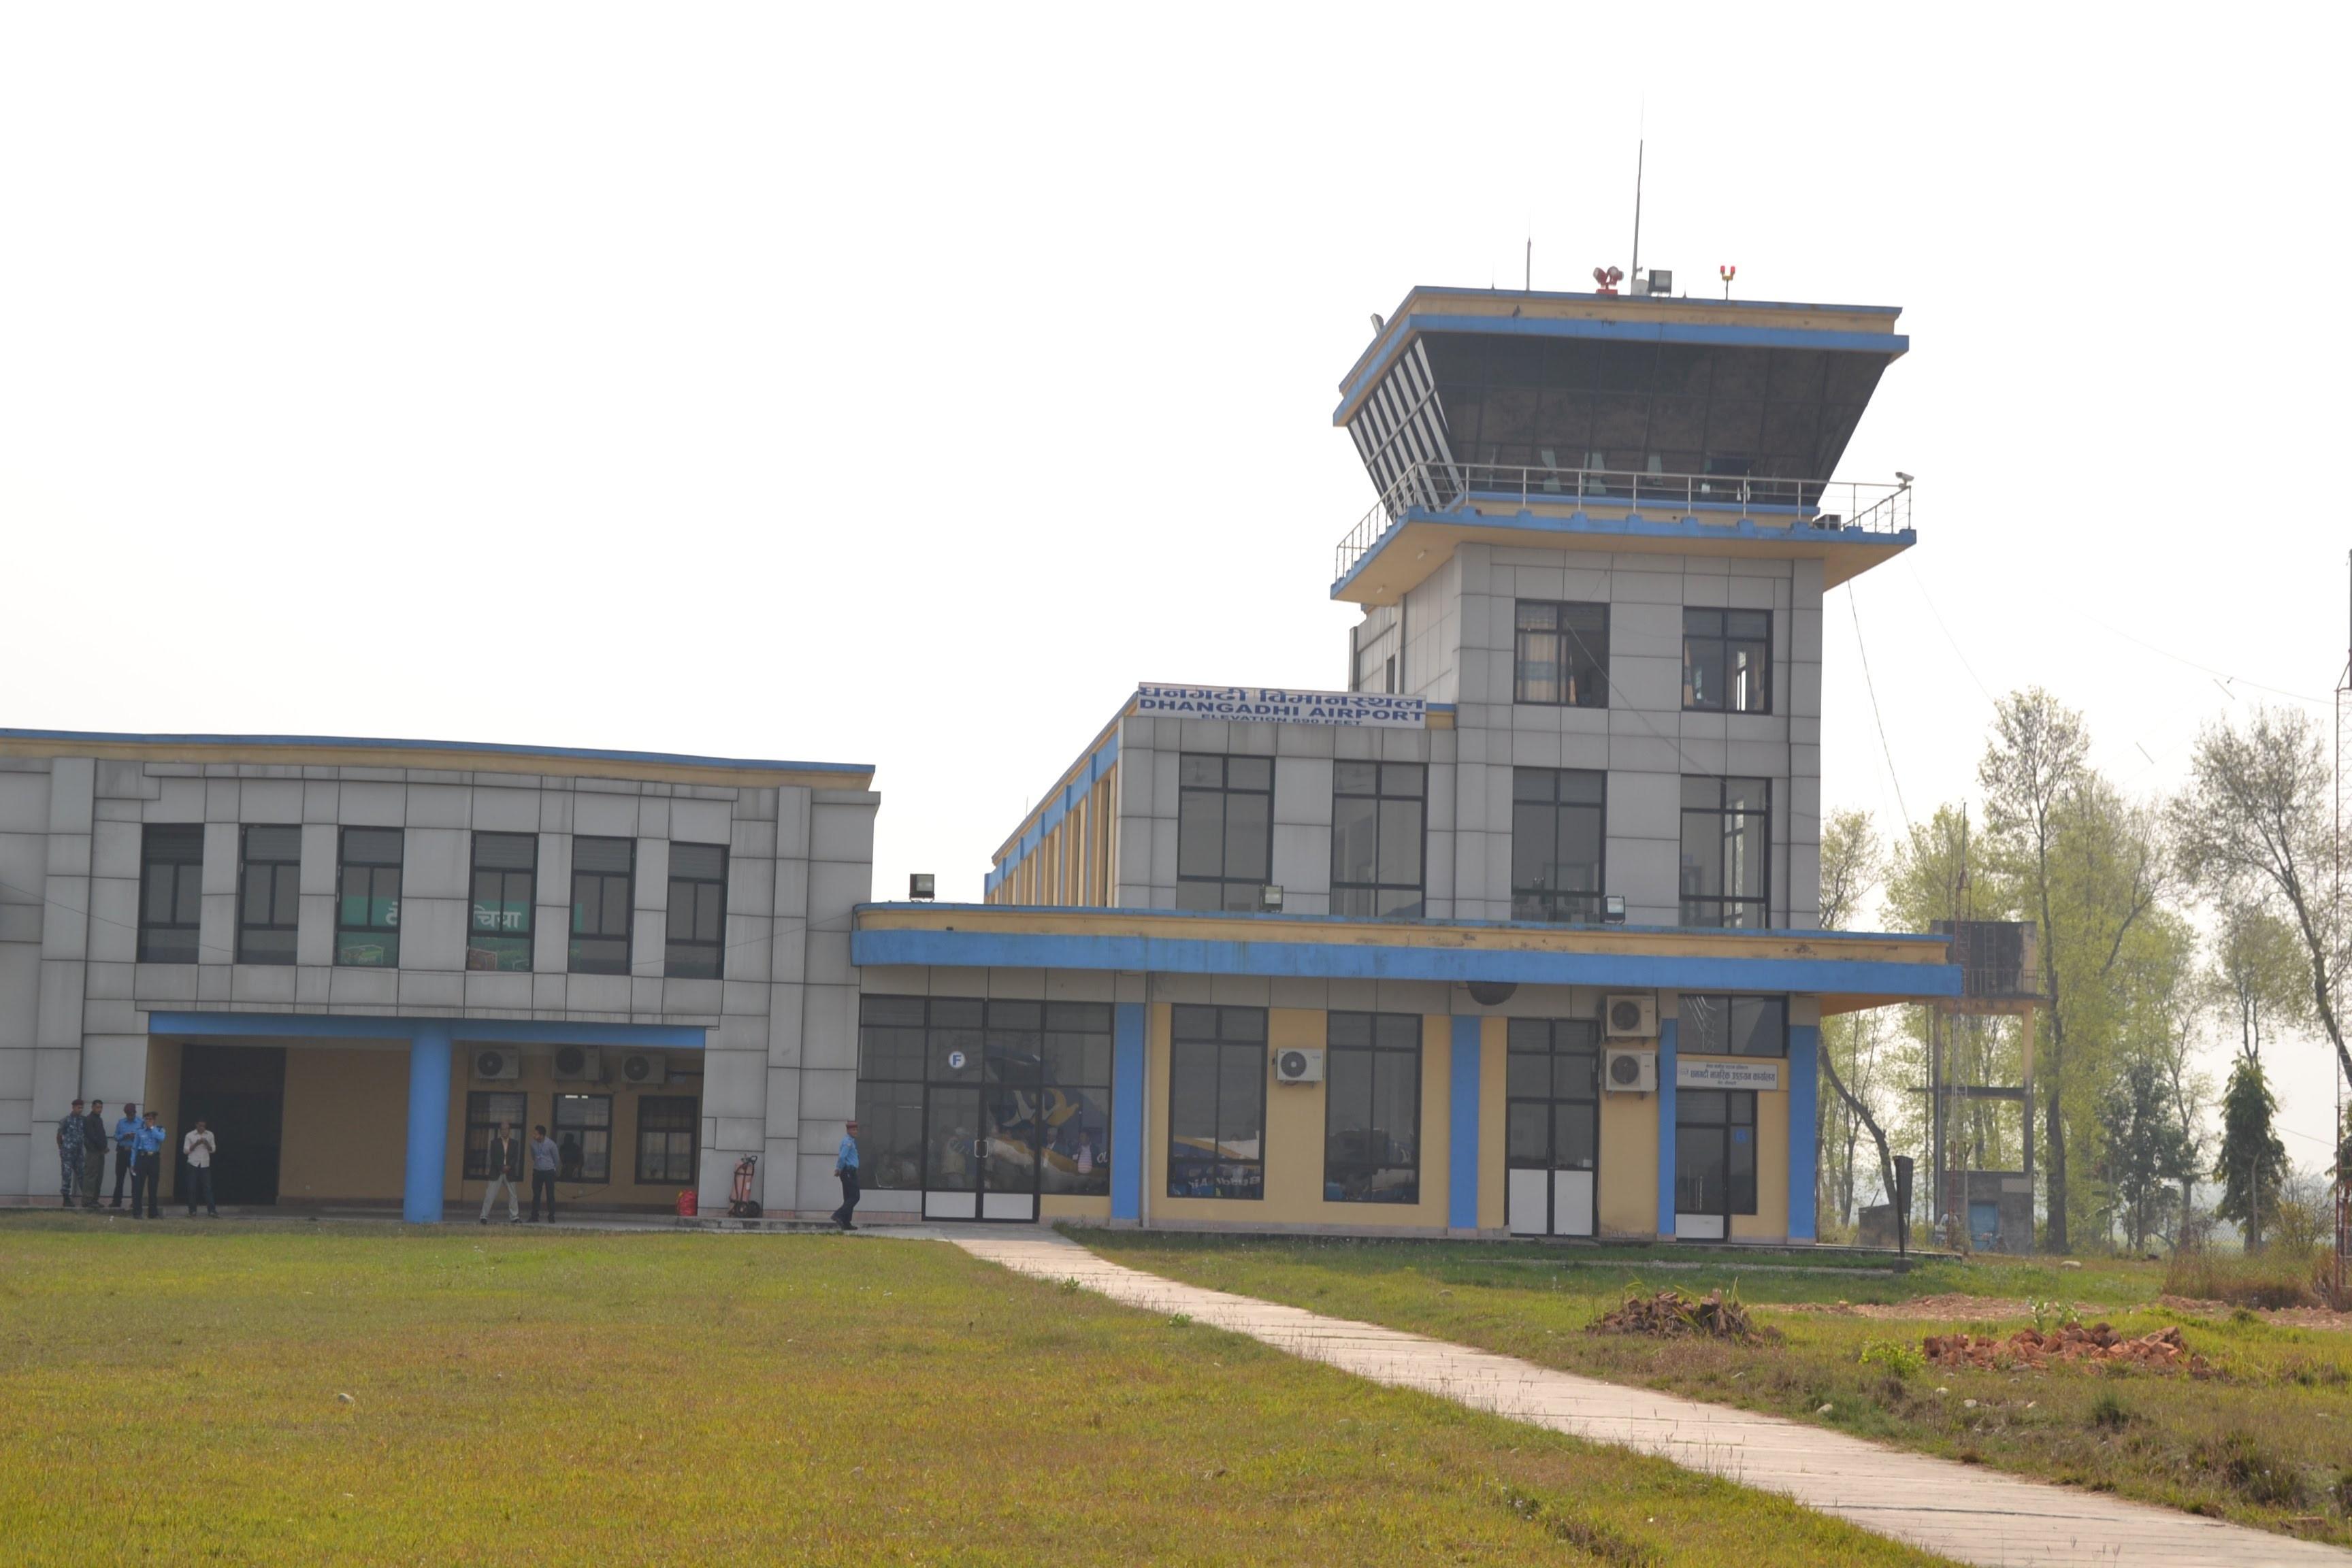 विमानस्थलमा प्रविधियुक्त एक्स–रे सञ्चालित